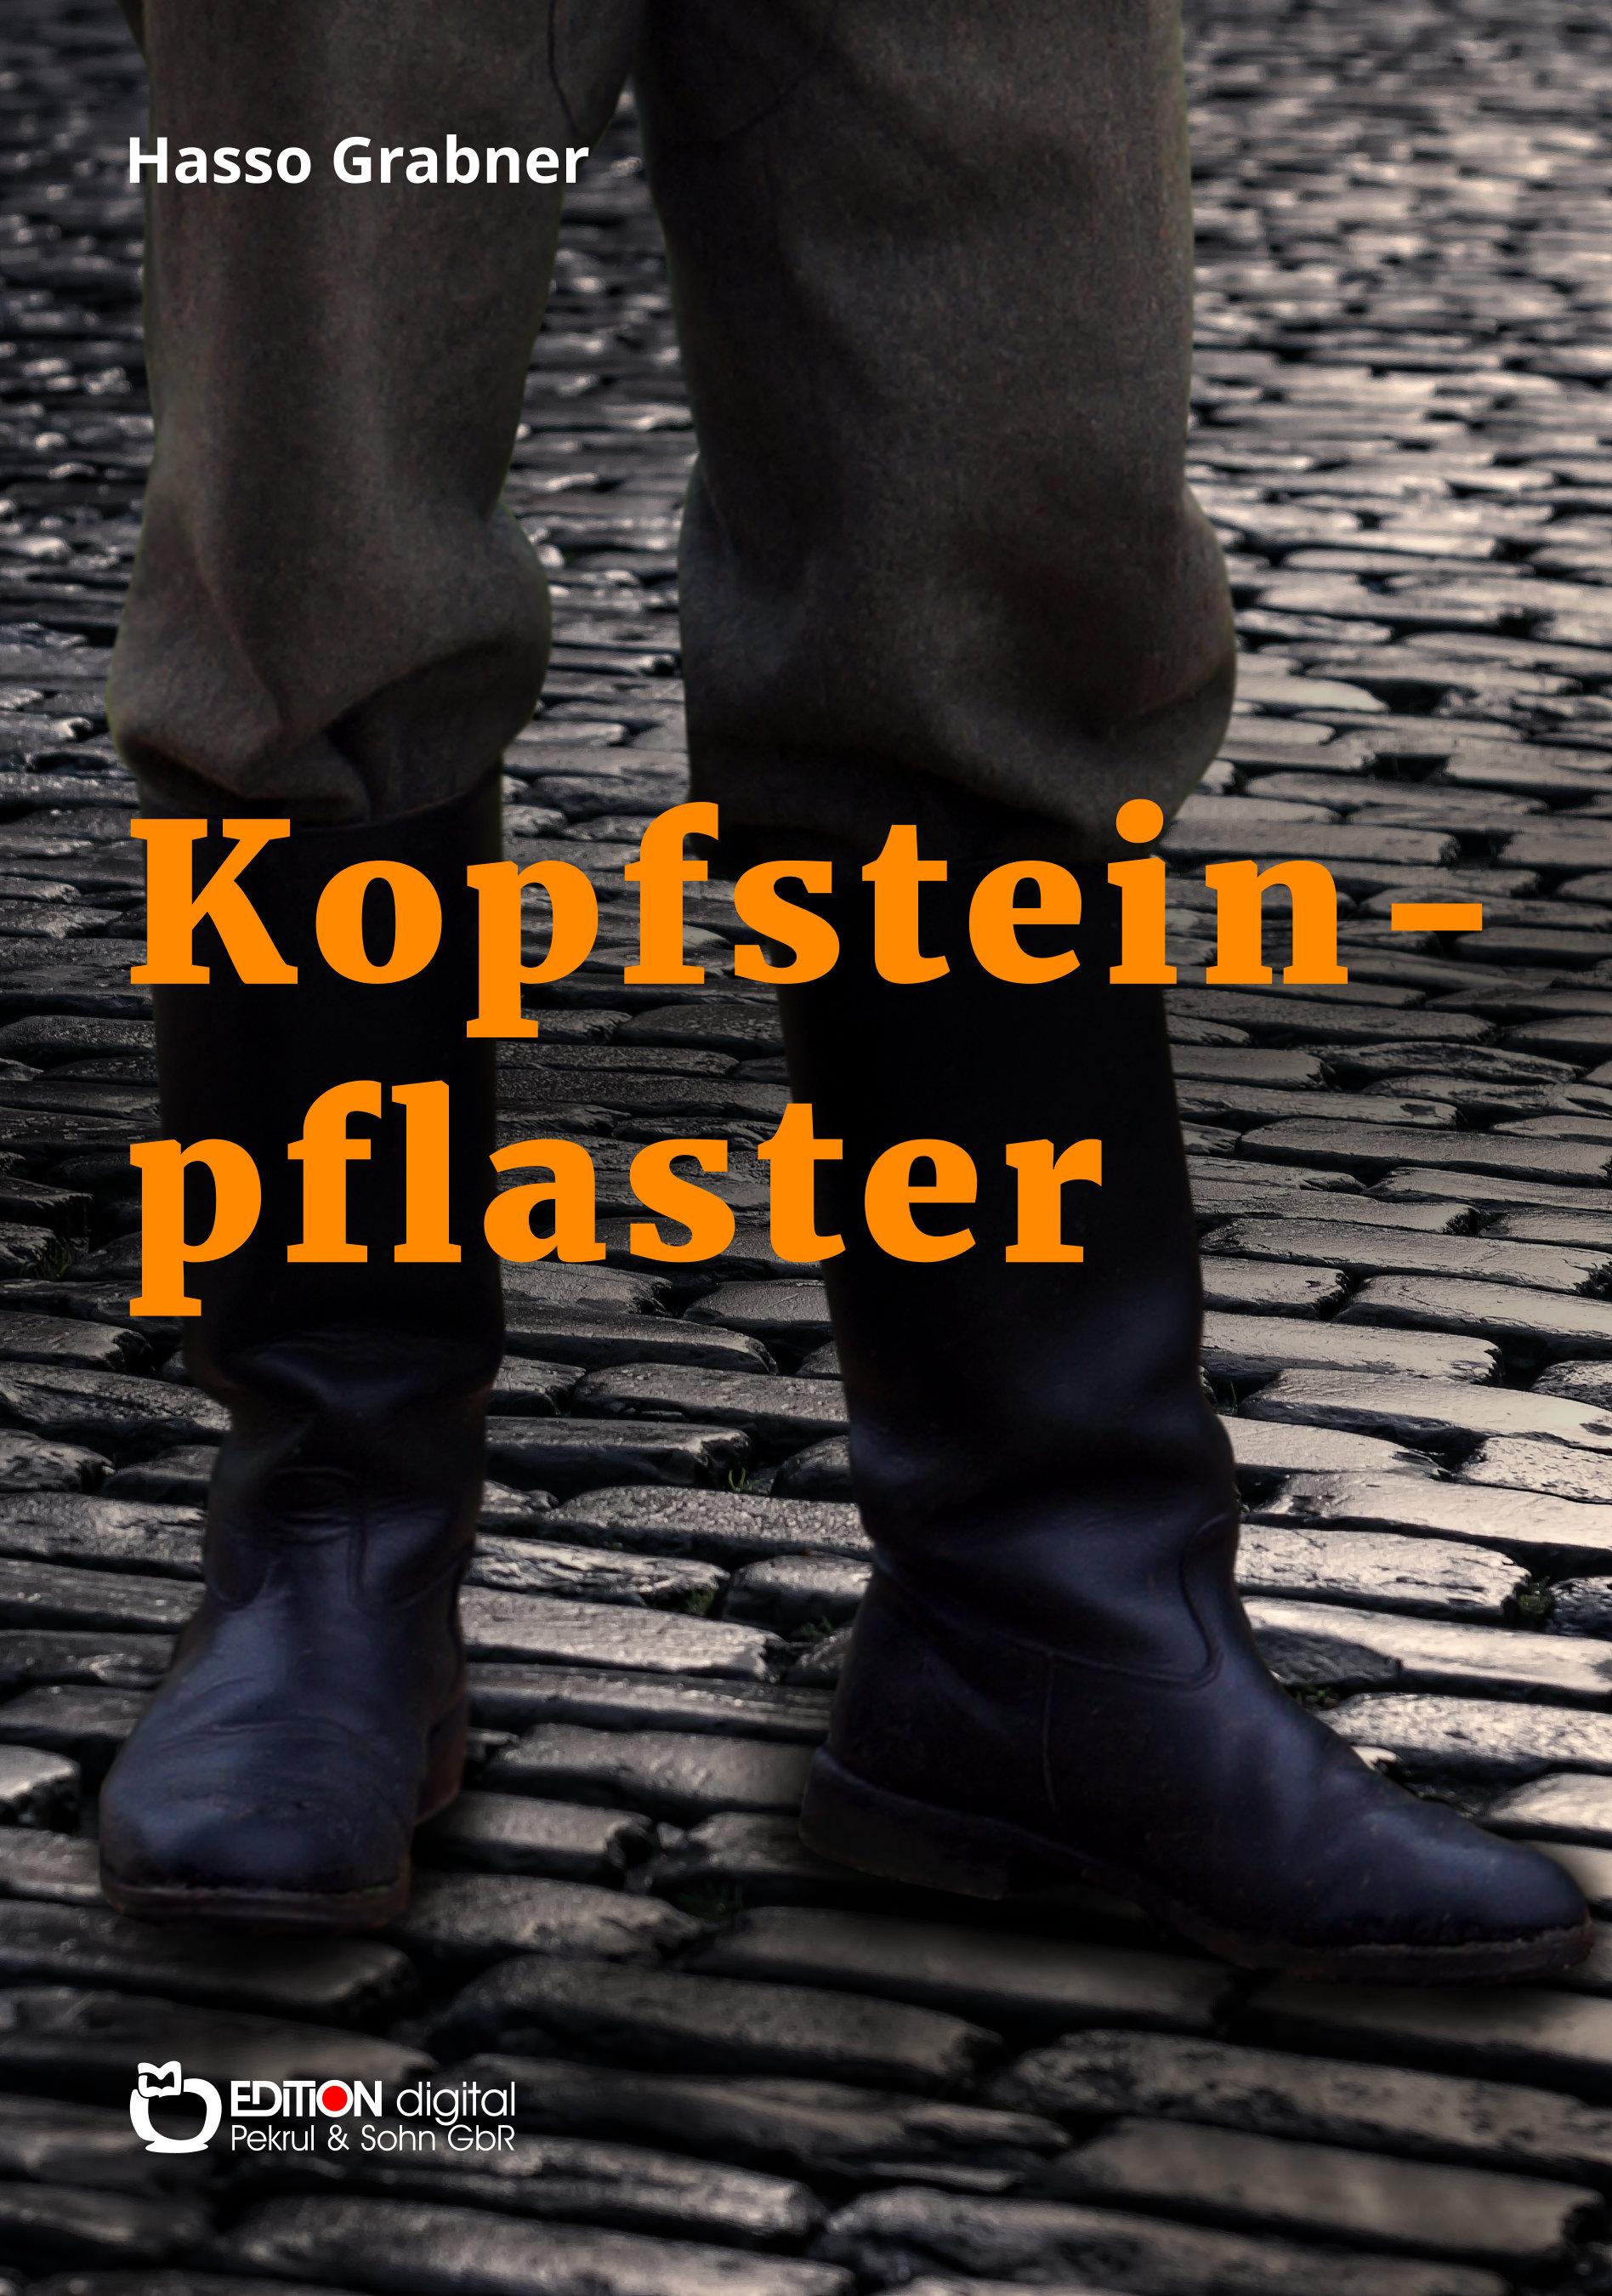 Kopfsteinpflaster von Hasso Grabner